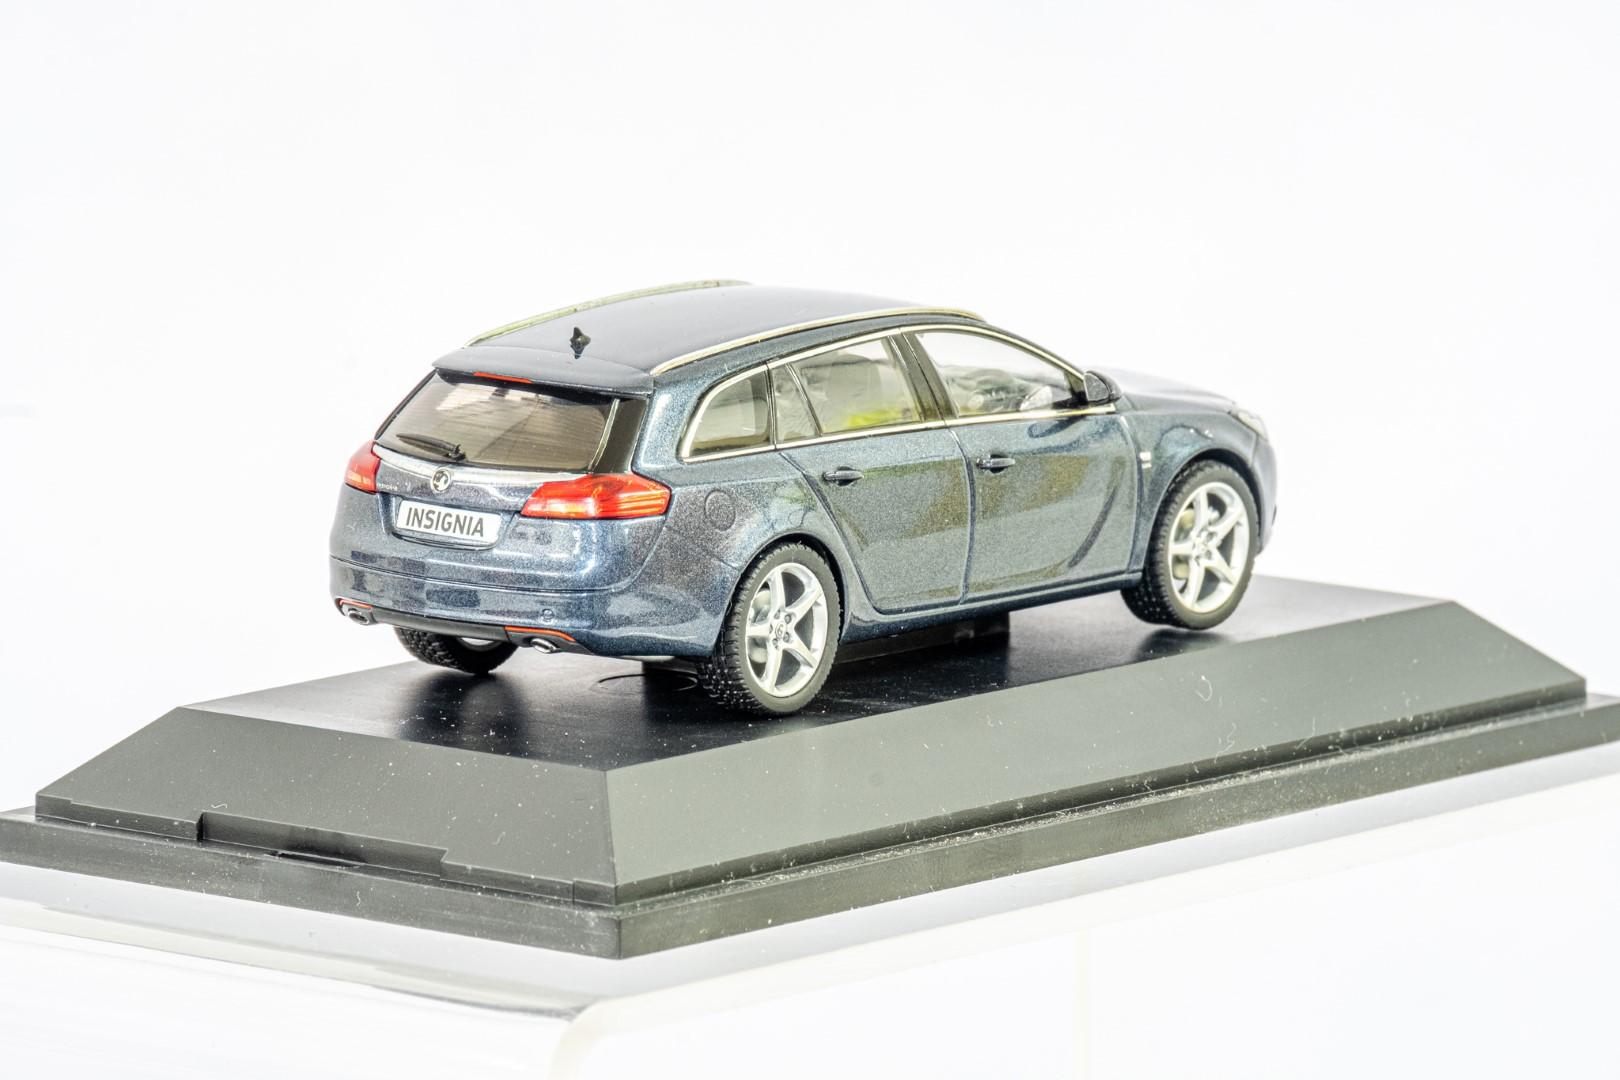 2 x Boxed Car Models - Vauxhall Zafira & Insignia - Image 4 of 7